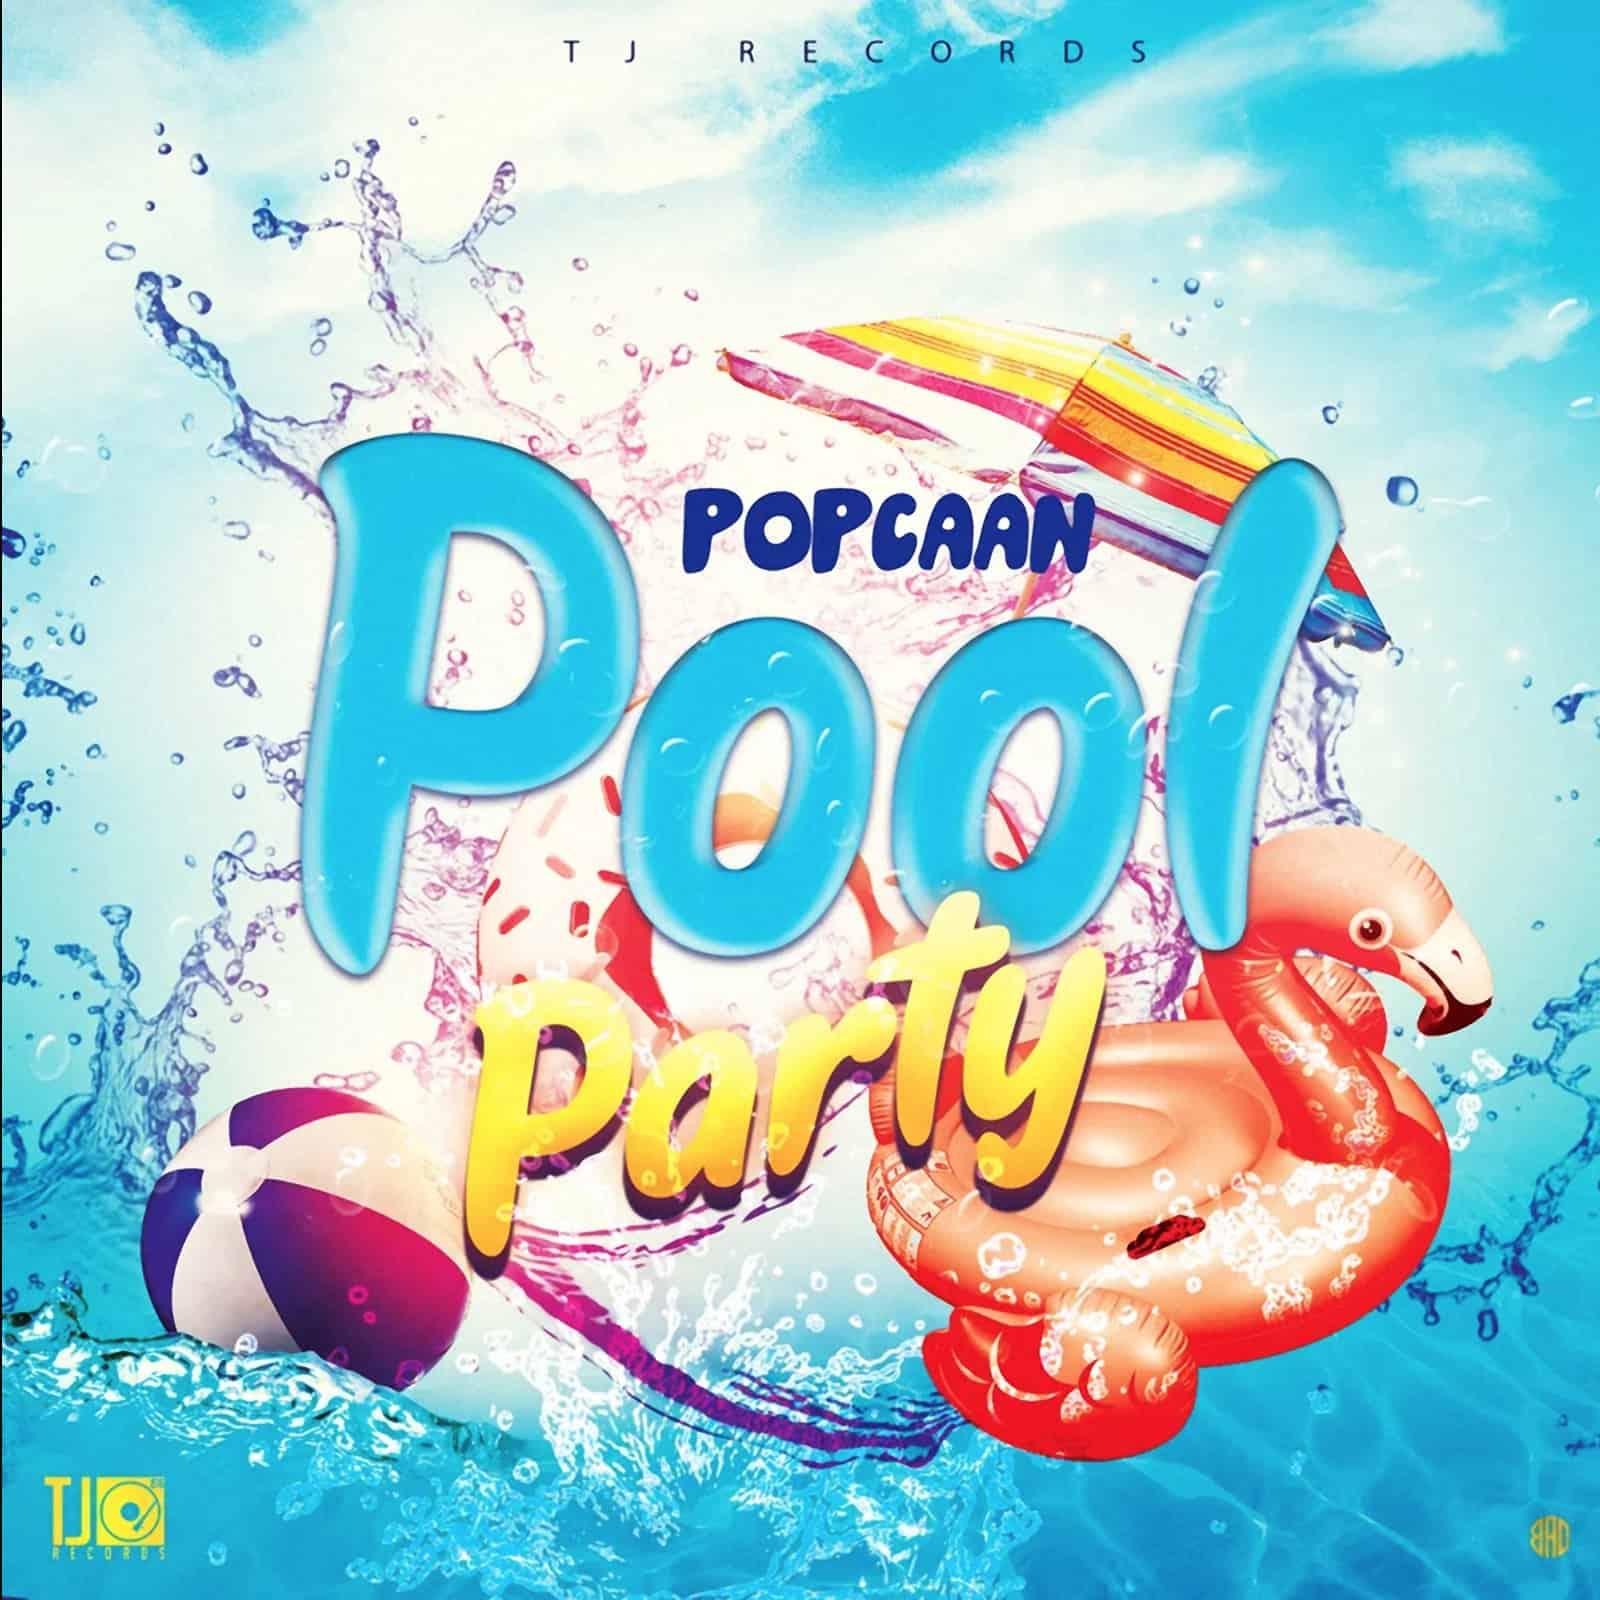 Popcaan - Pool Party (TJ Records)